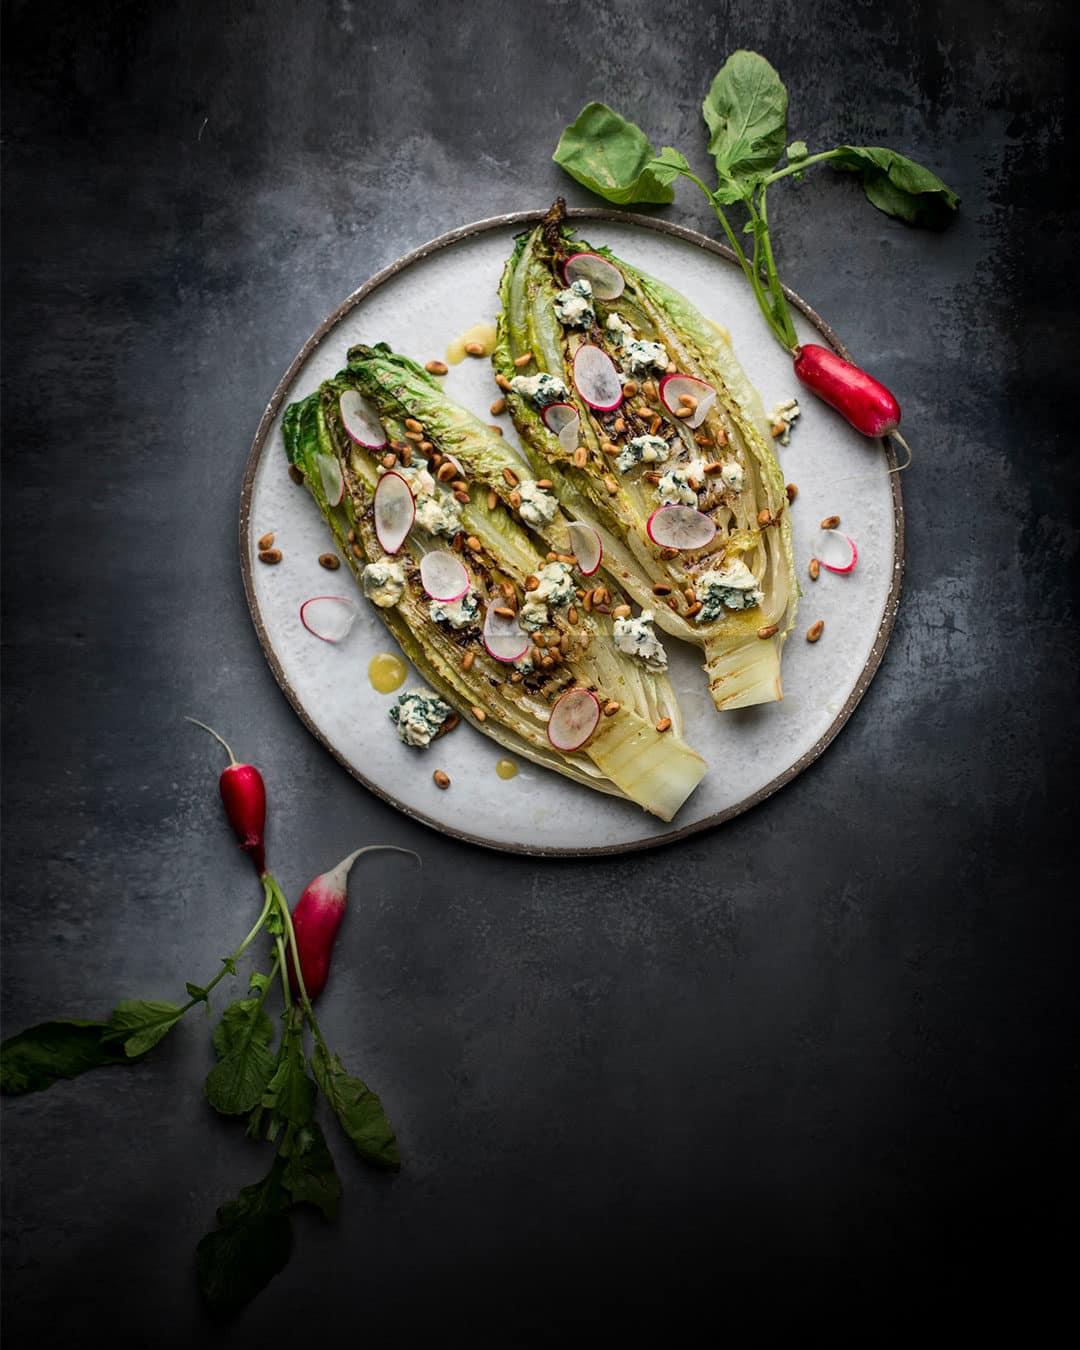 Sådan laver du courgettenudler - eller squashnudler, om du vil - med bagte tomater og persille- og basilikumspesto med dansk ost. Få opskriften her.